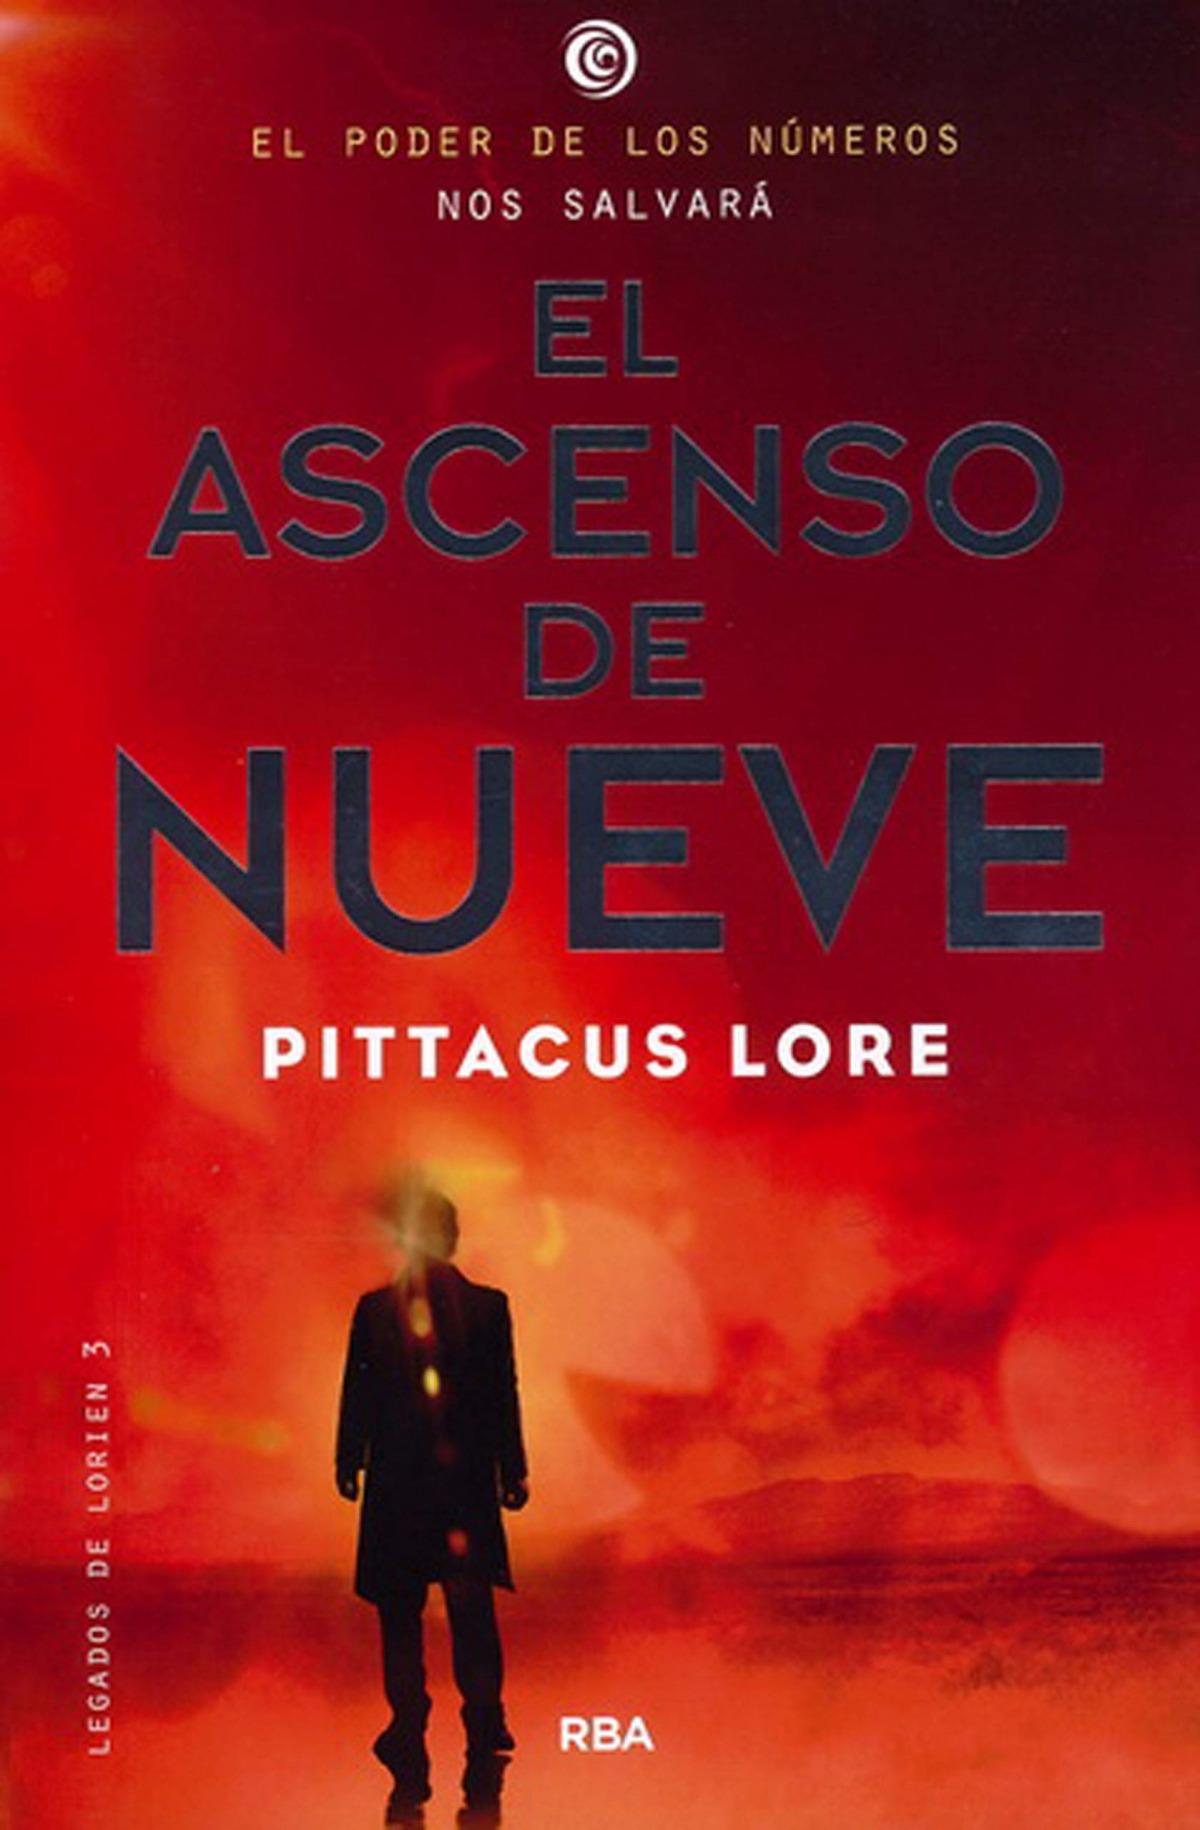 ASCENSO DEL NUEVE,EL 9788427204201